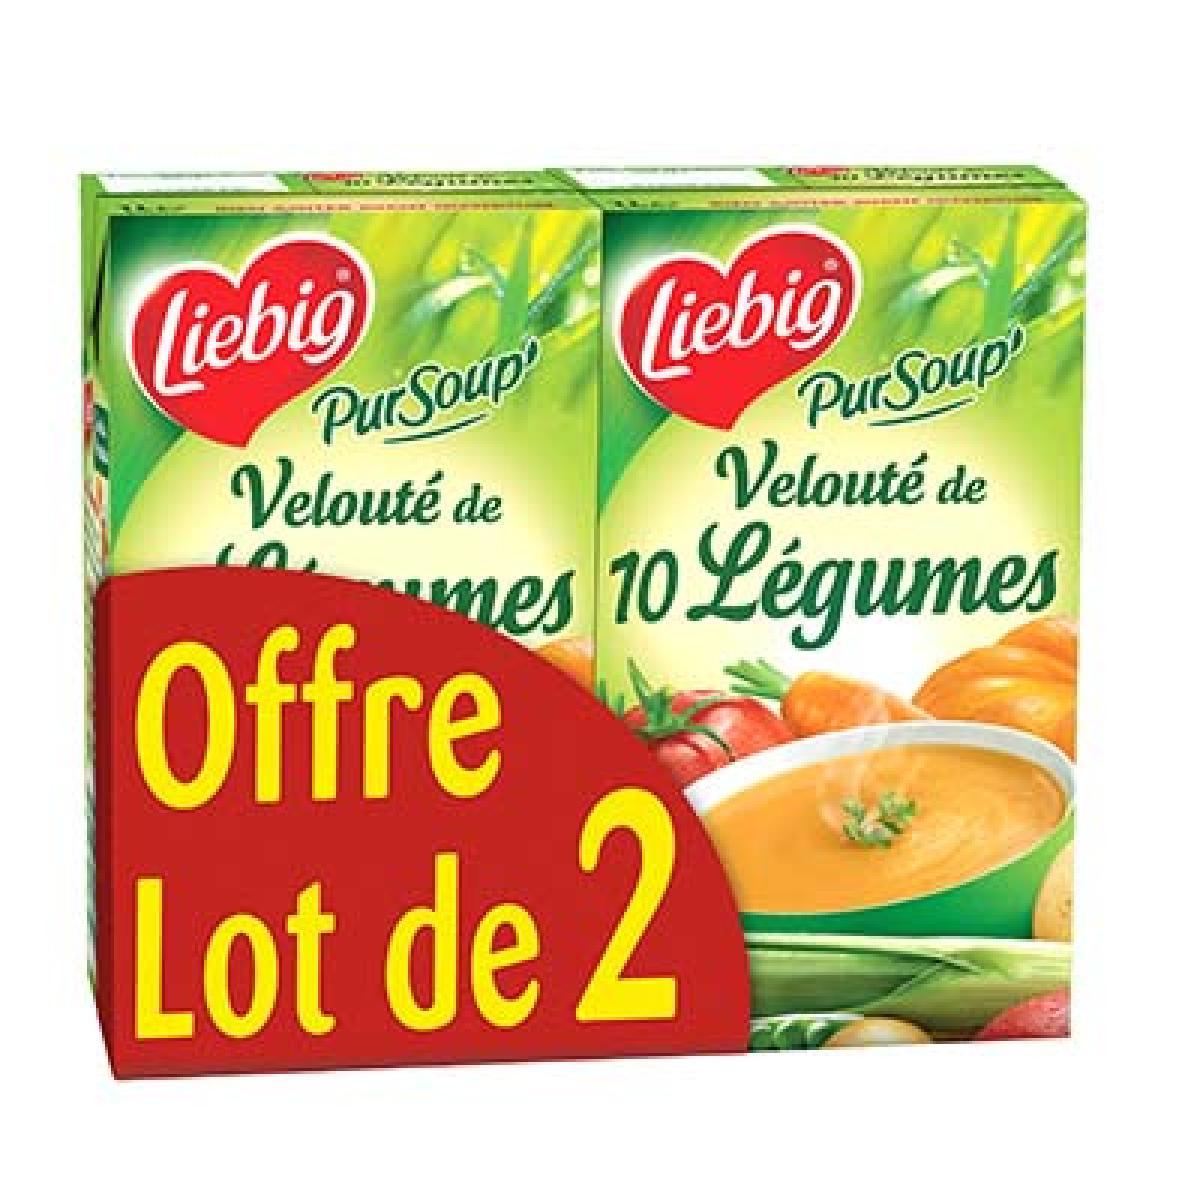 Velouté de 10 légumes PurSoup', Liebig LOT DE 2 (2 x 1 L)